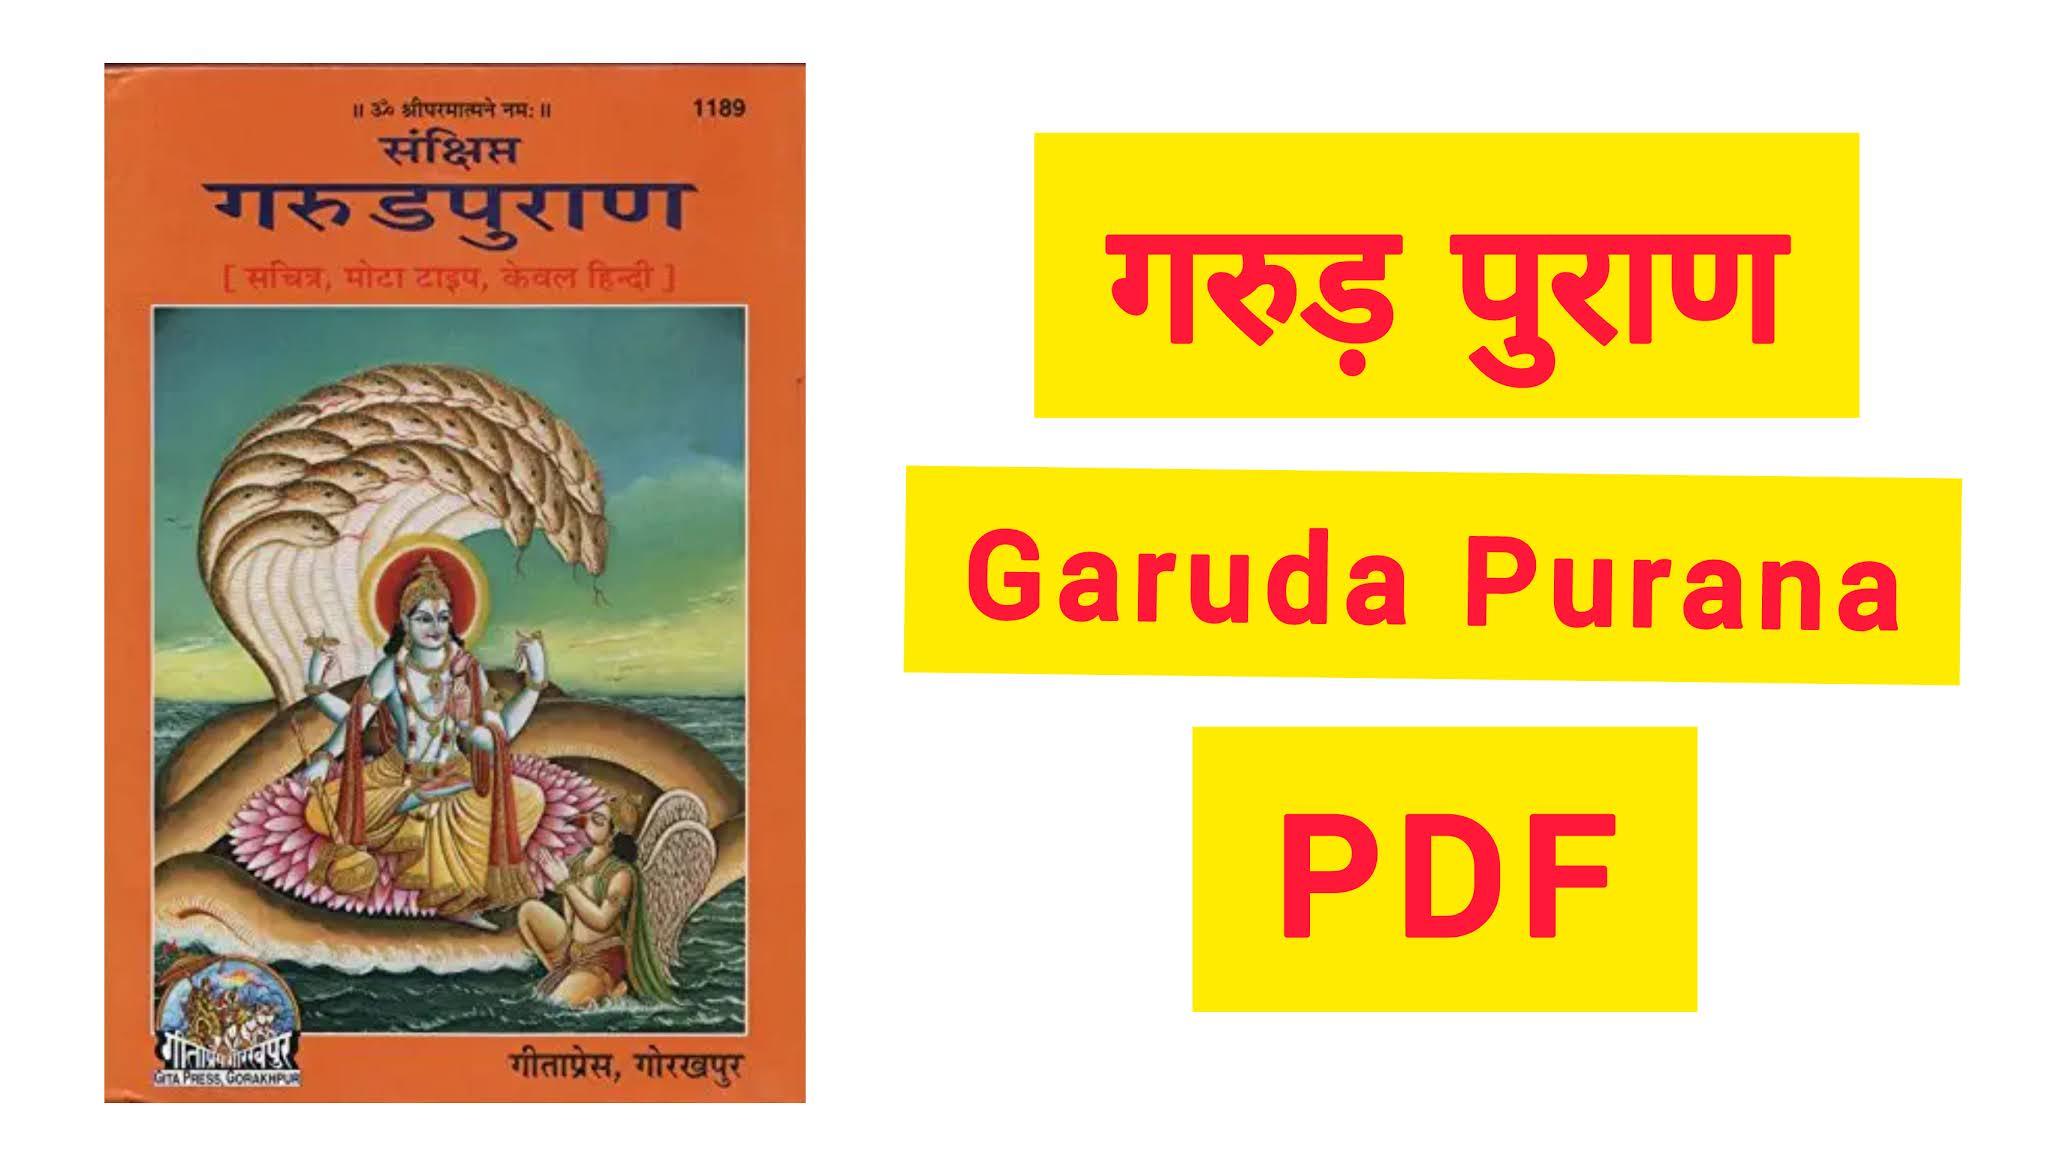 Garuna Purana ( गरुण पुराण ) PDF